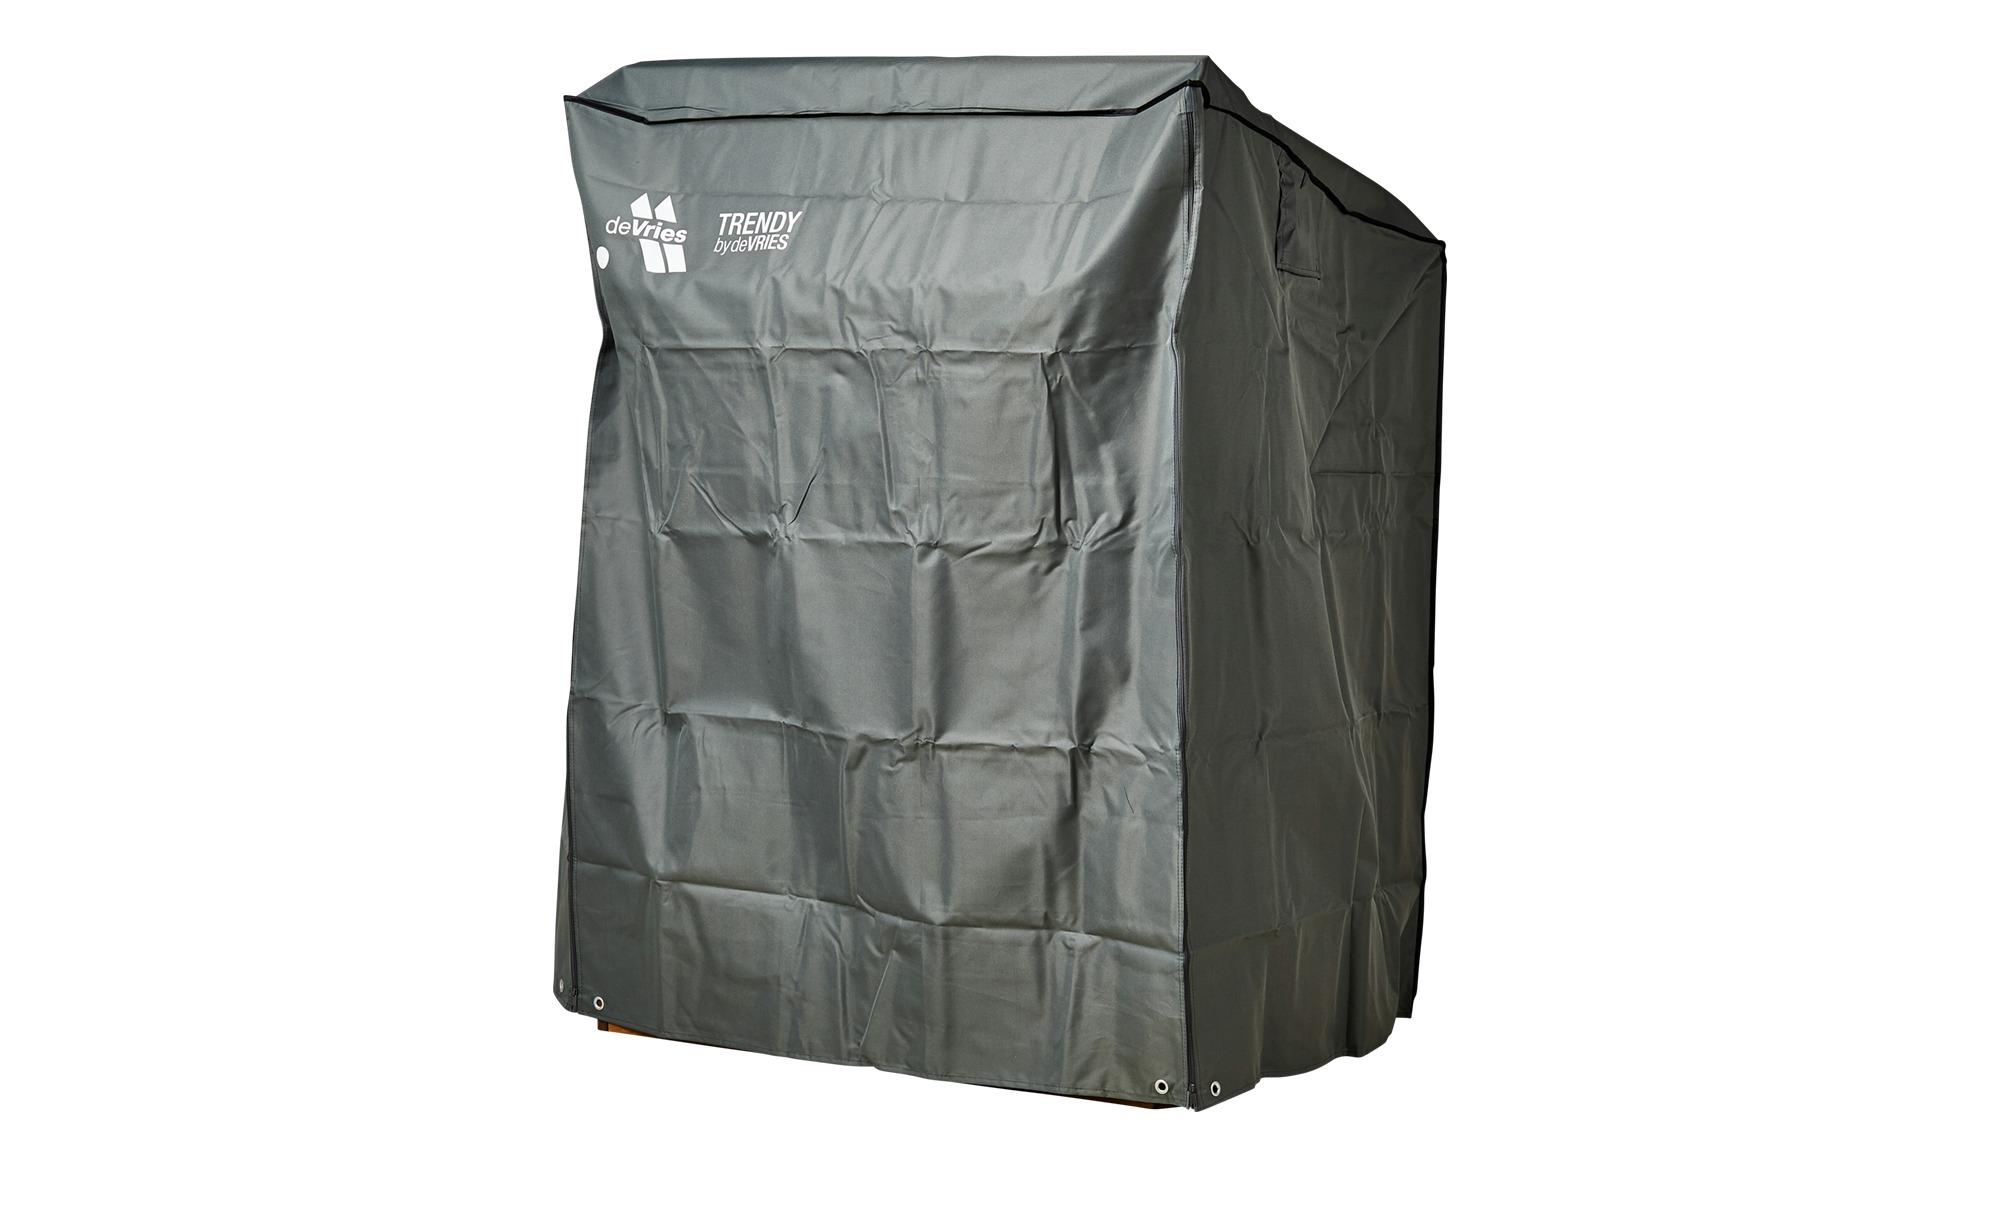 Schutzhaube für Strandkorb - grau - 152 cm - 165 cm - 95 cm - Garten > Gart günstig online kaufen